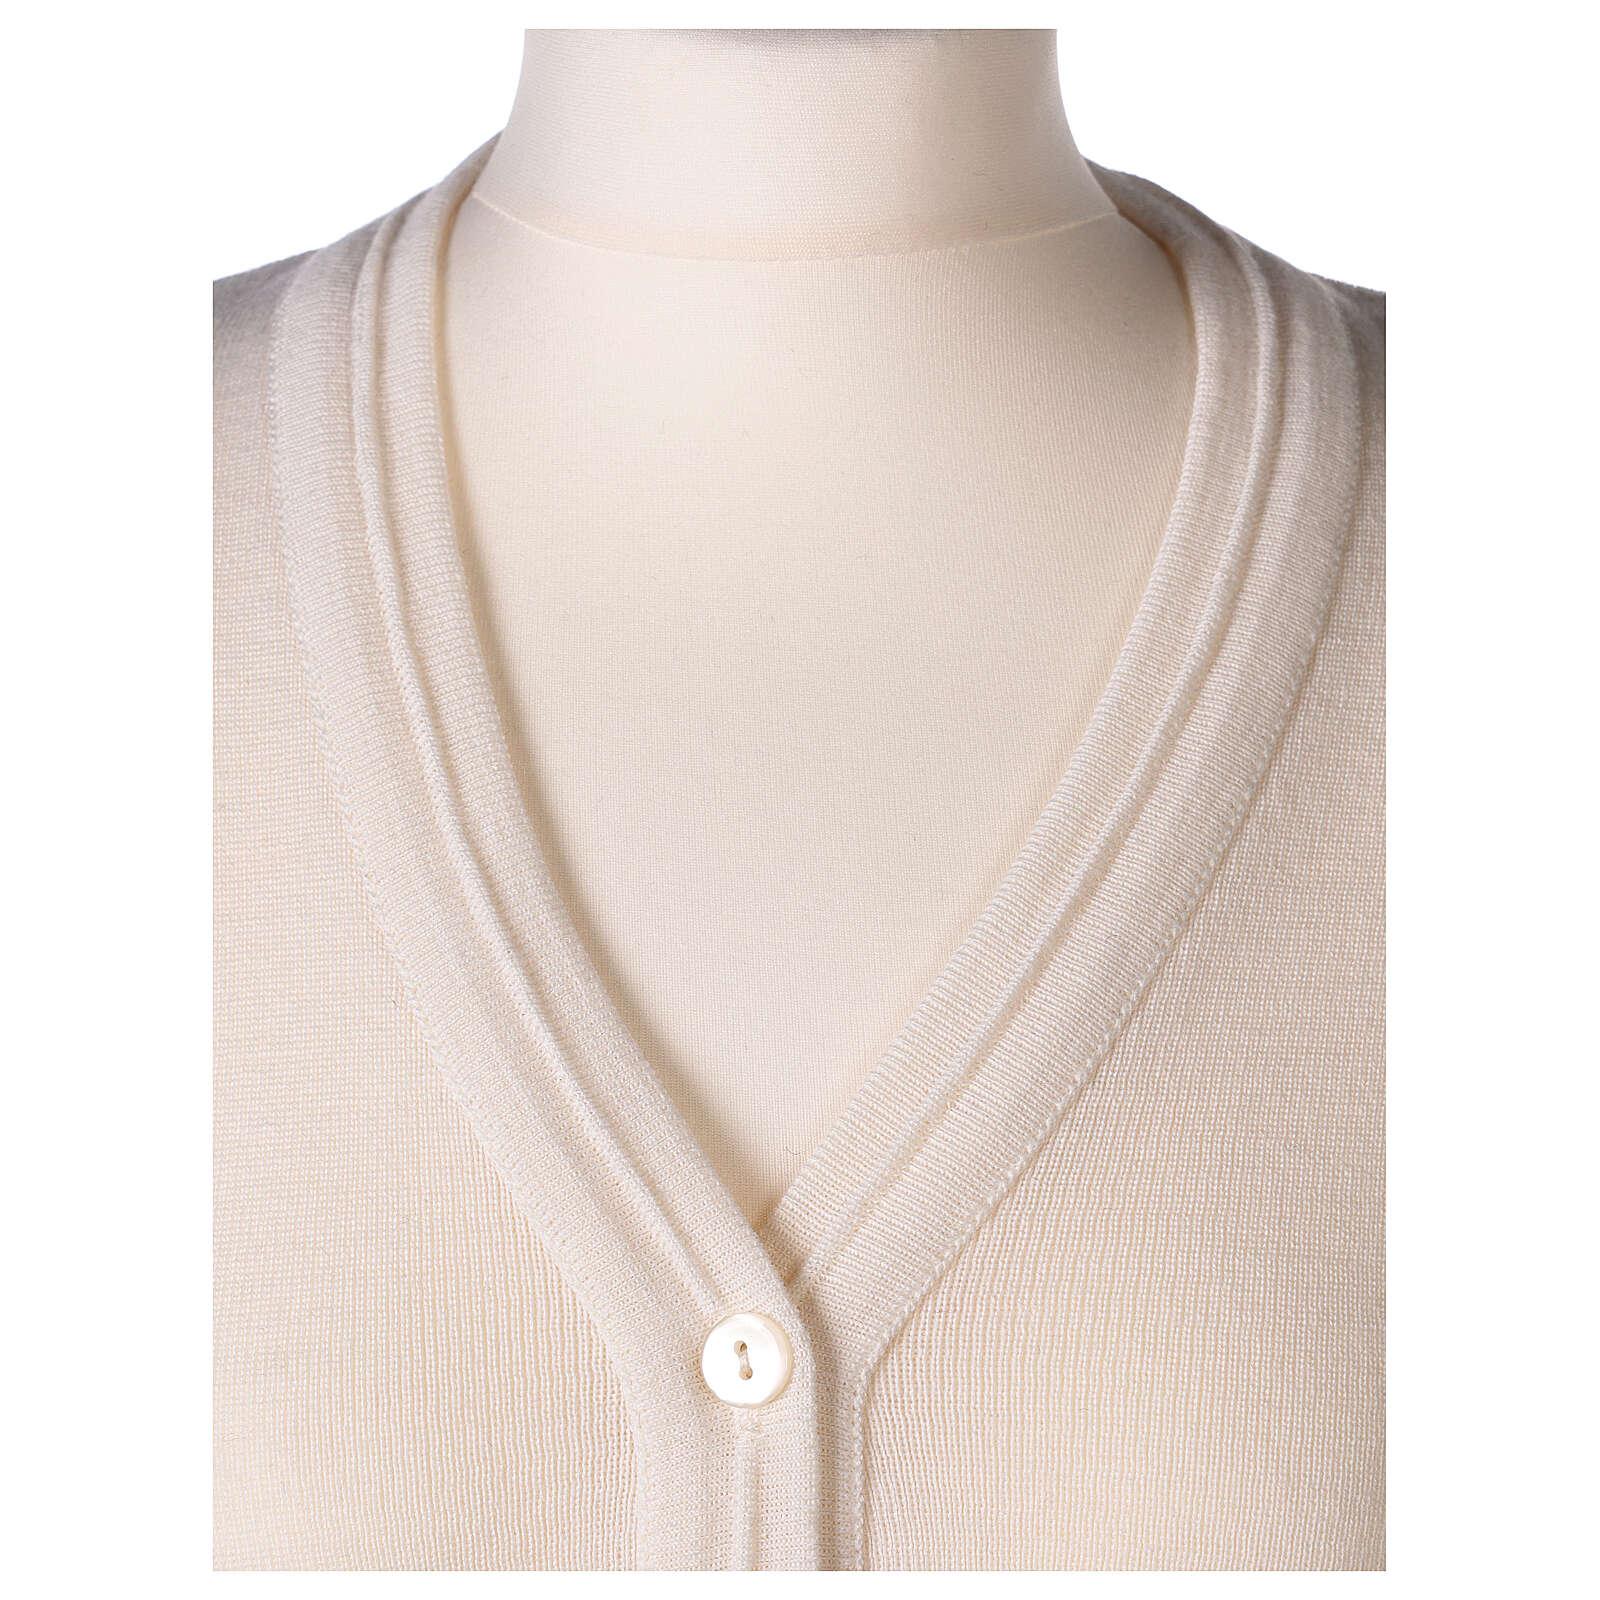 kurze Damen-Weste, weiß, mit V-Ausschnitt, 50% Acryl - 50% Merinowolle, In Primis 4